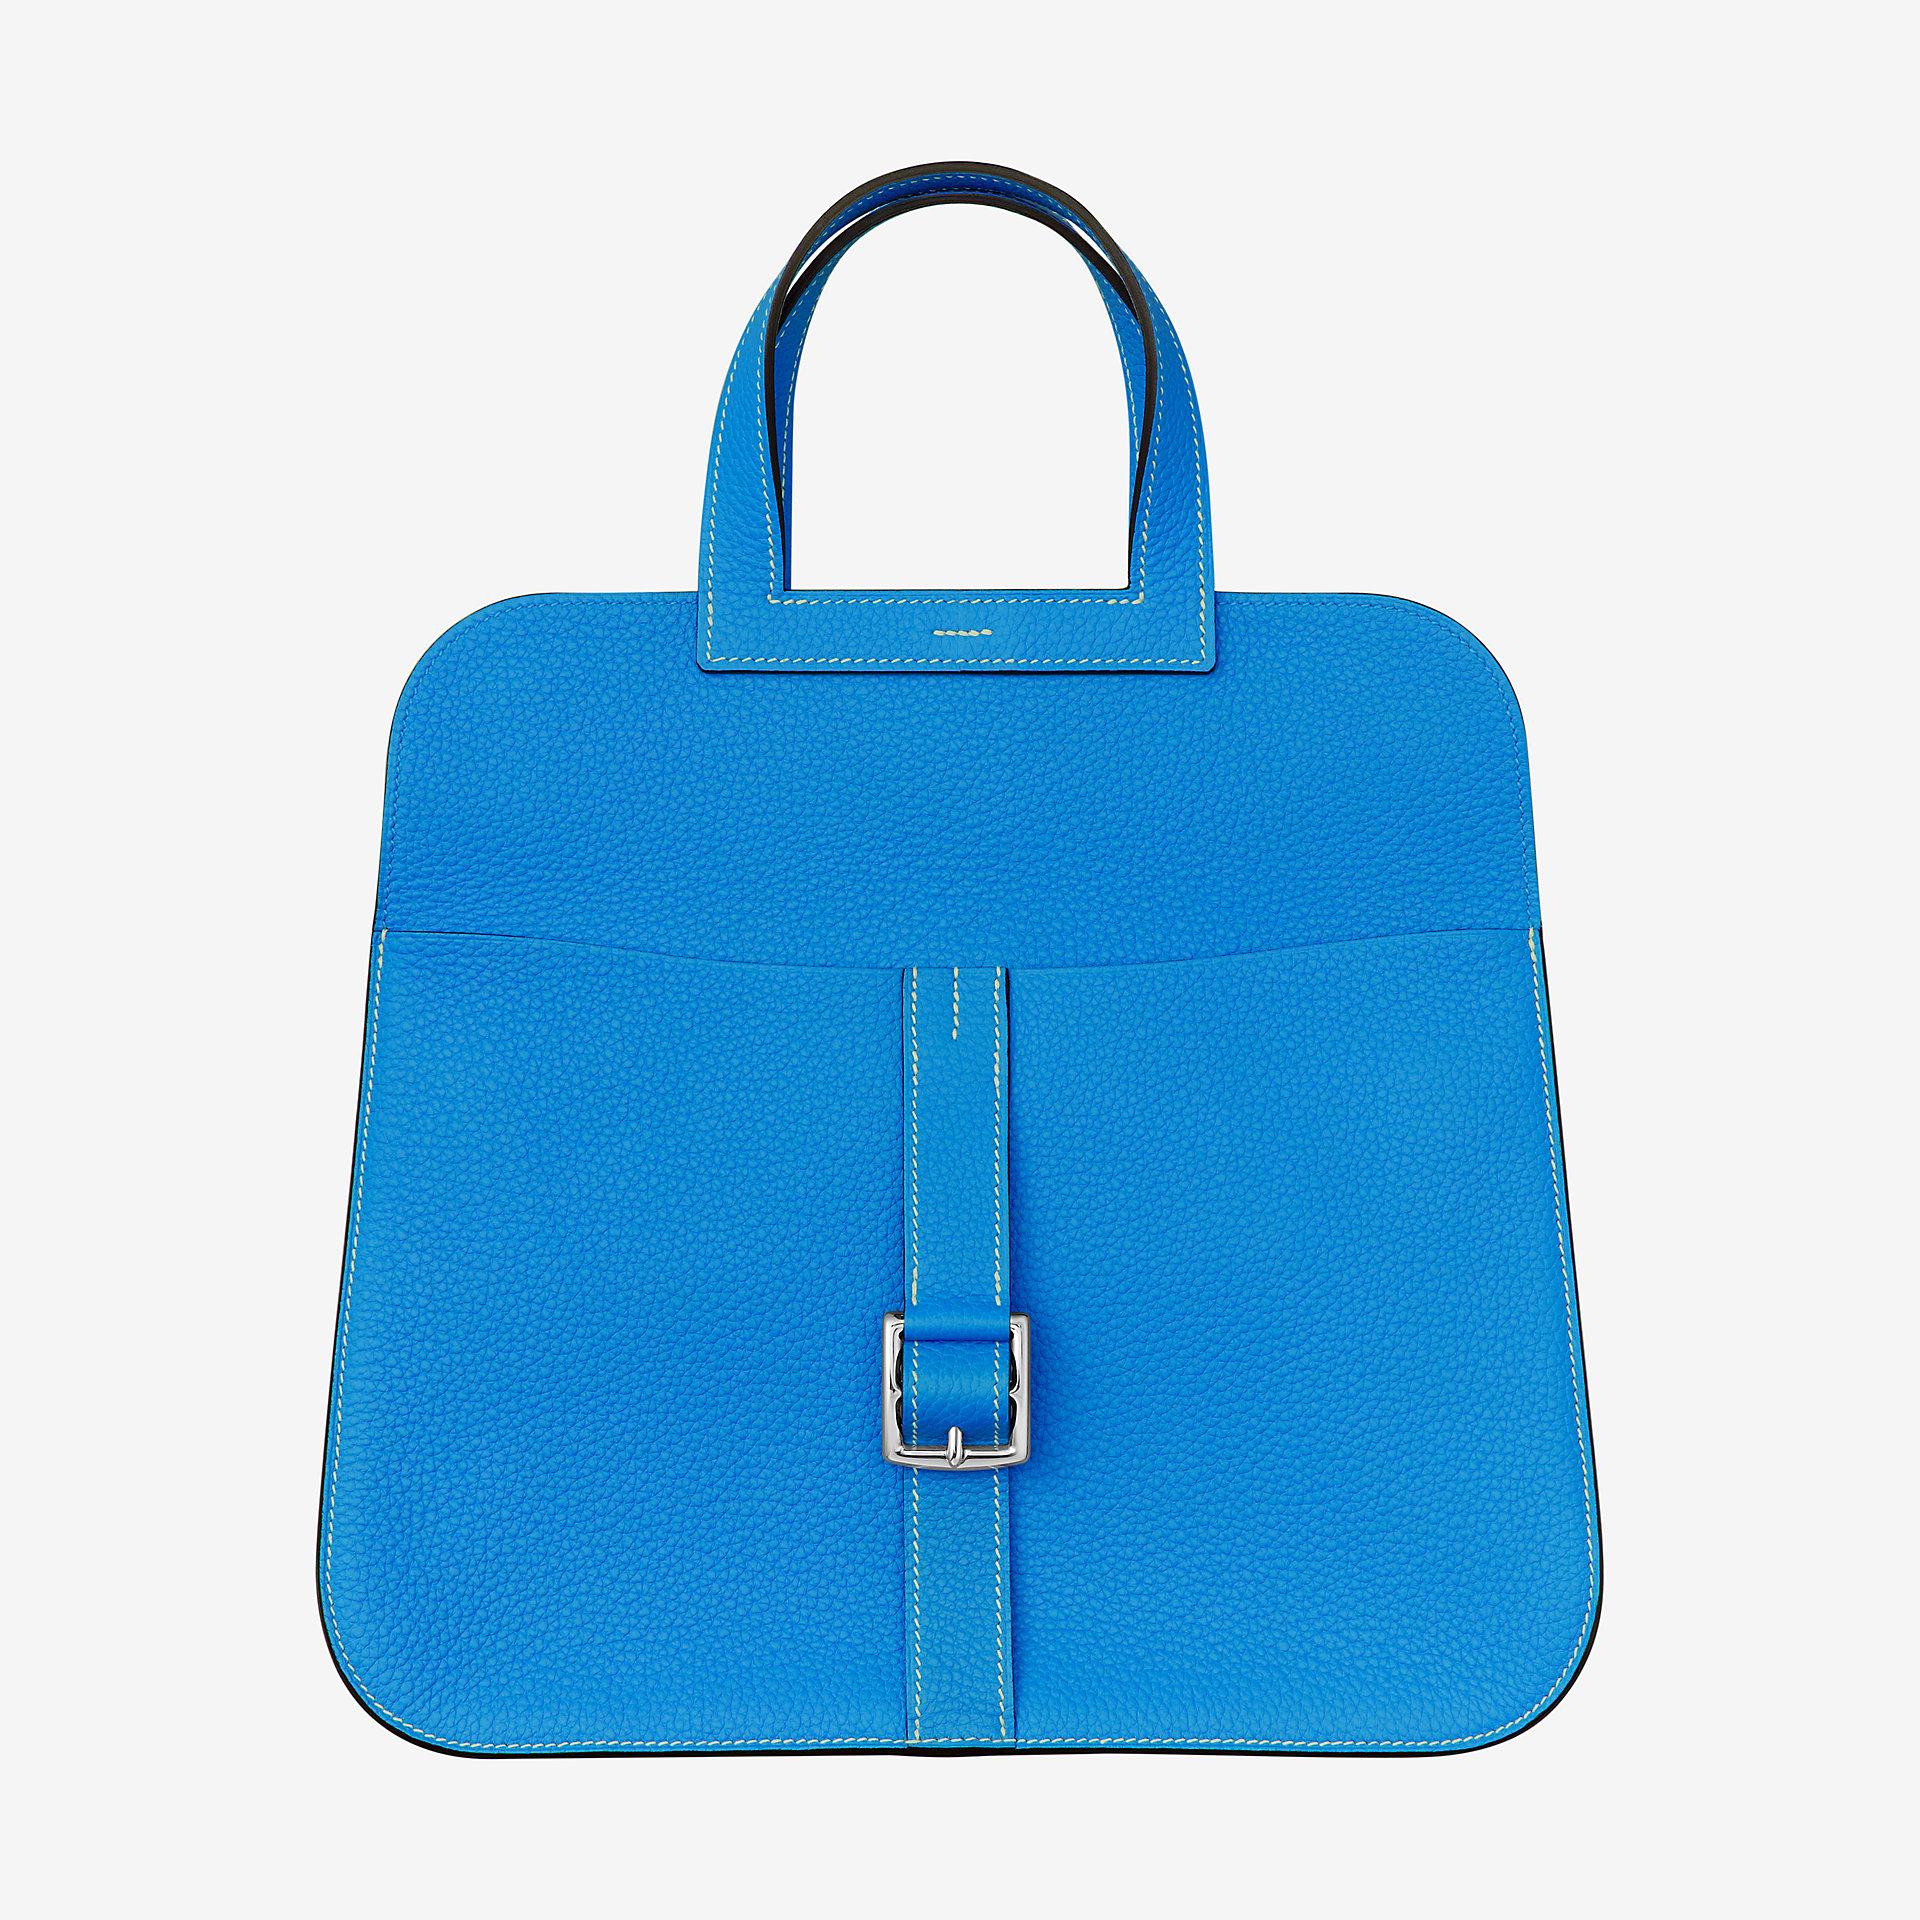 爱马仕Halzan 31cm bag bleu hydra Clemence小公牛皮手提包